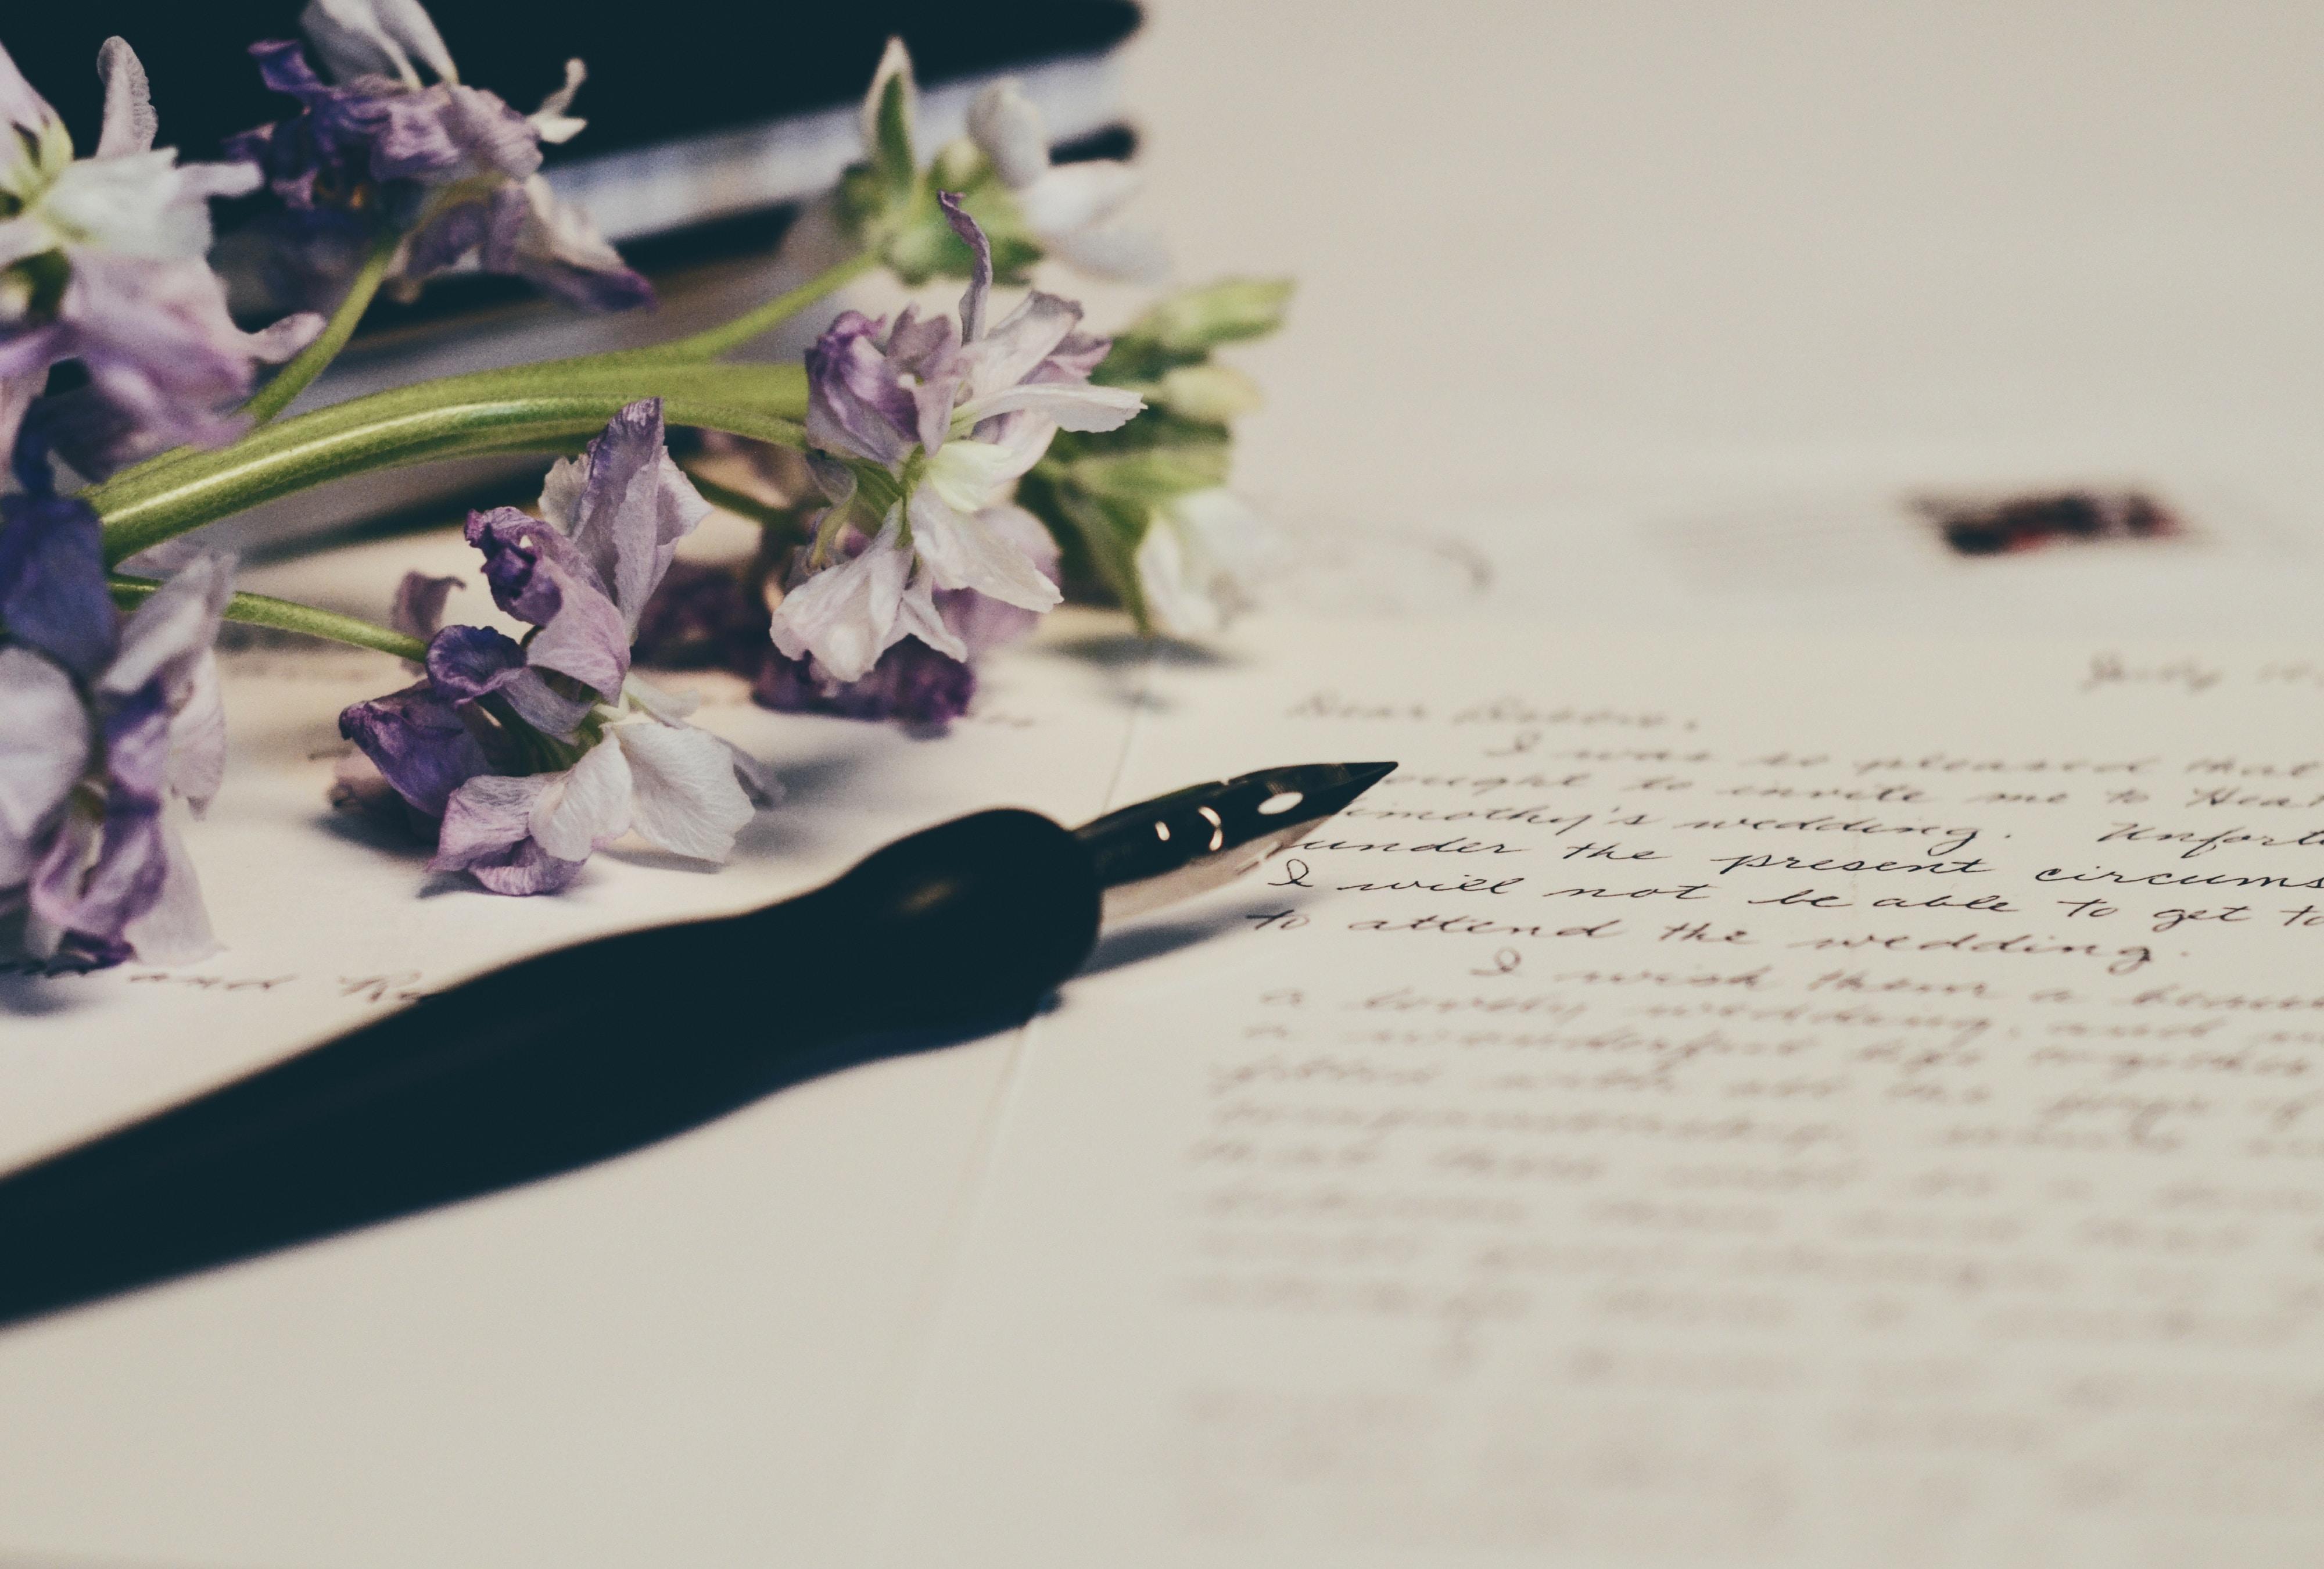 نامه ی شماره یک – به یک دوست نزدیک